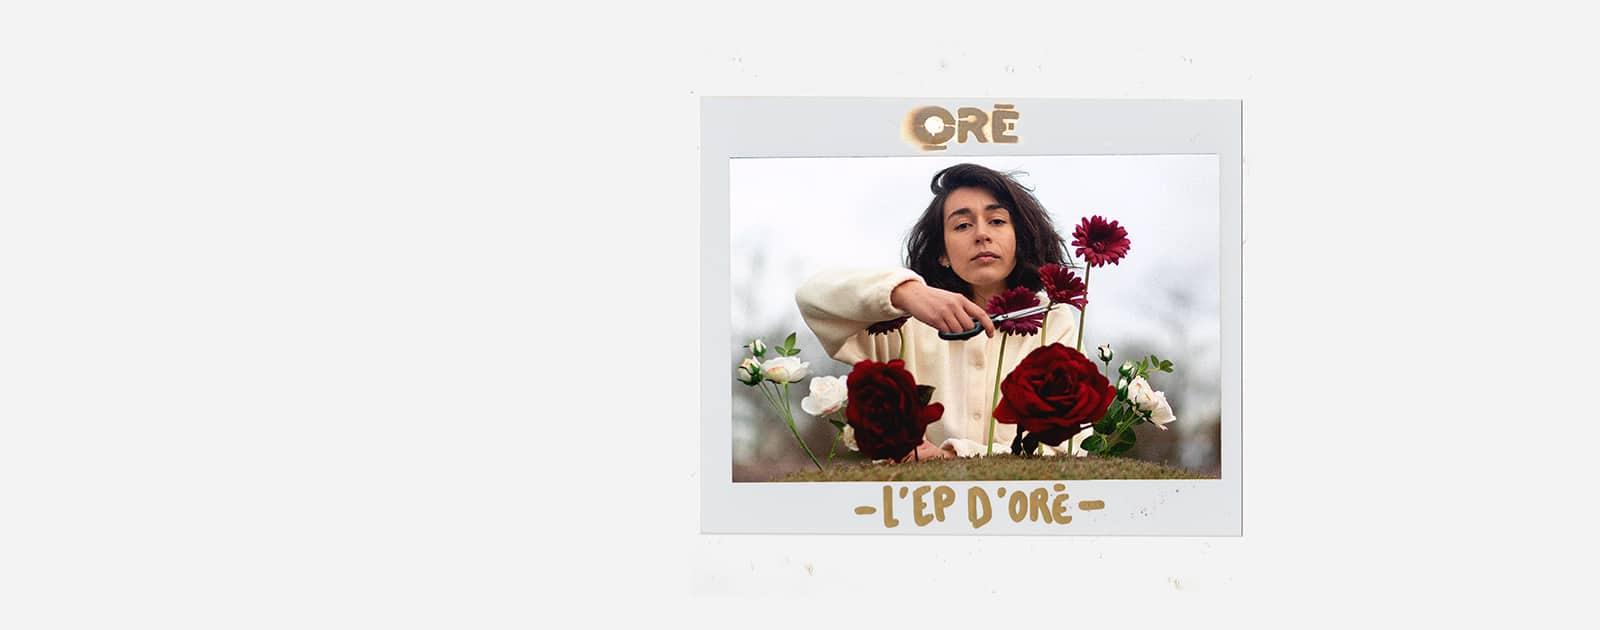 Sonorium invite Oré